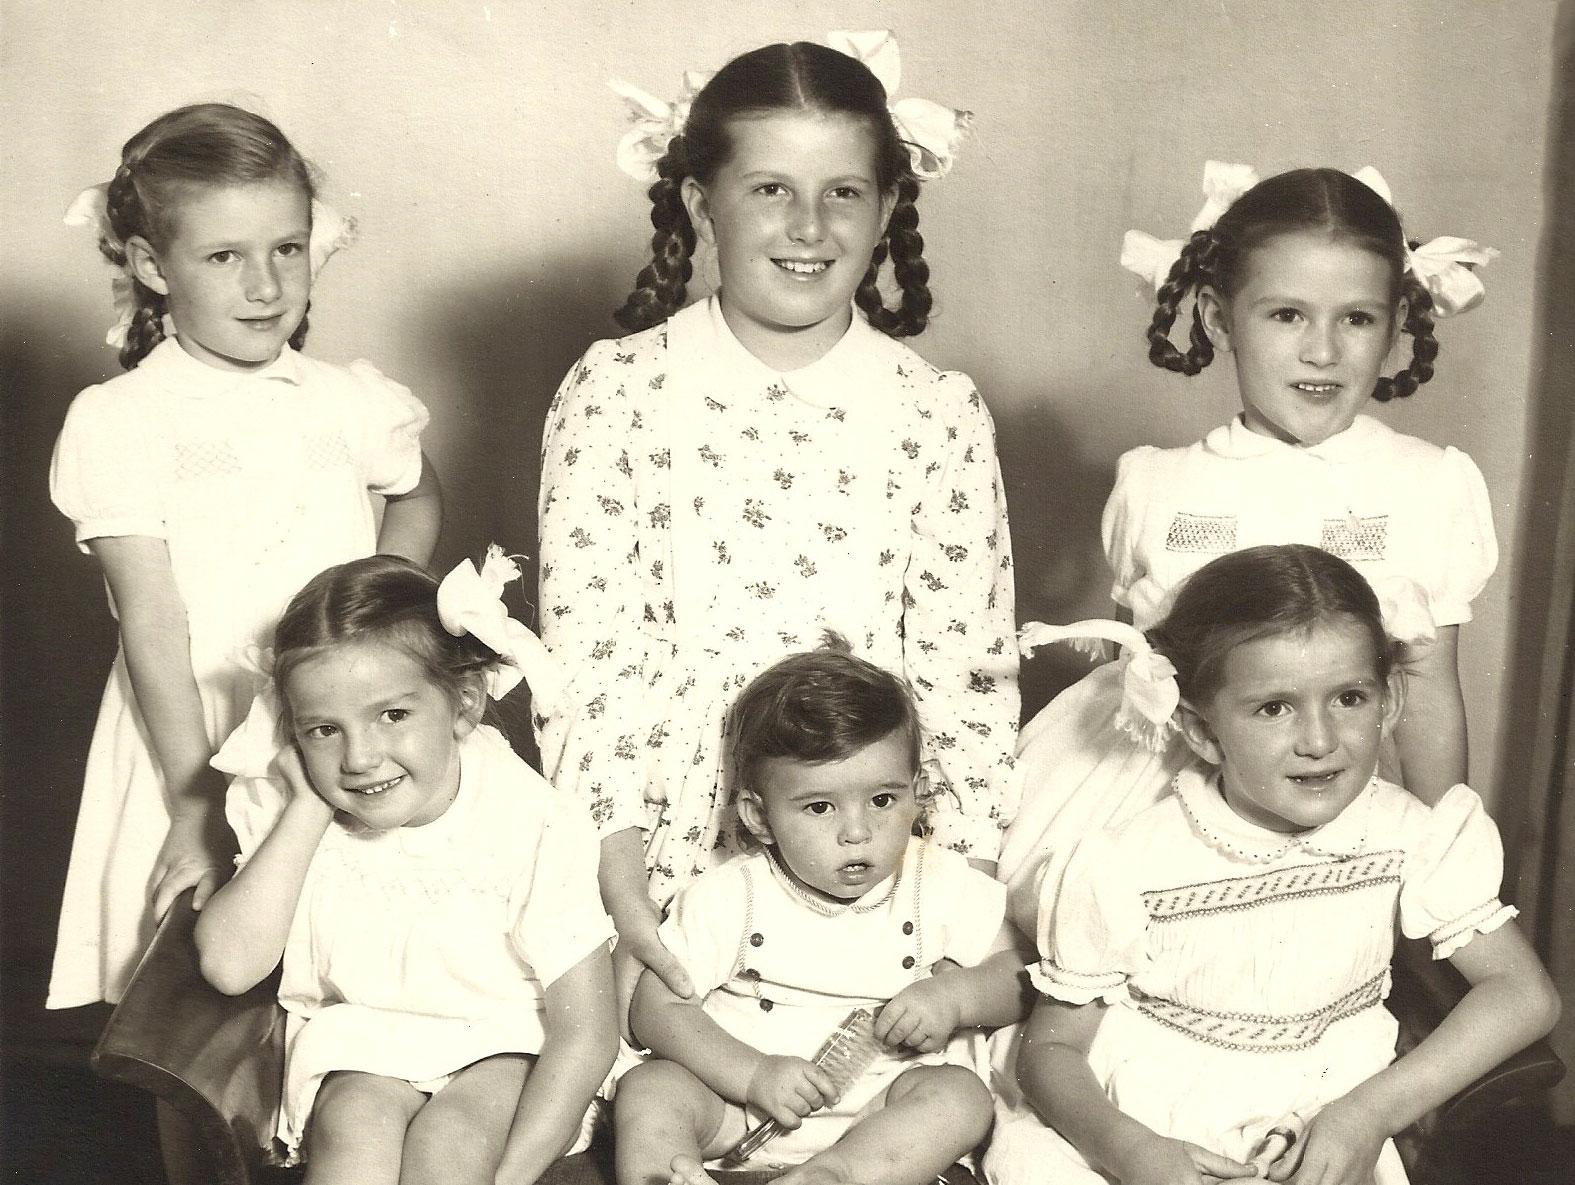 Domitilla and Danny's children ca 1957